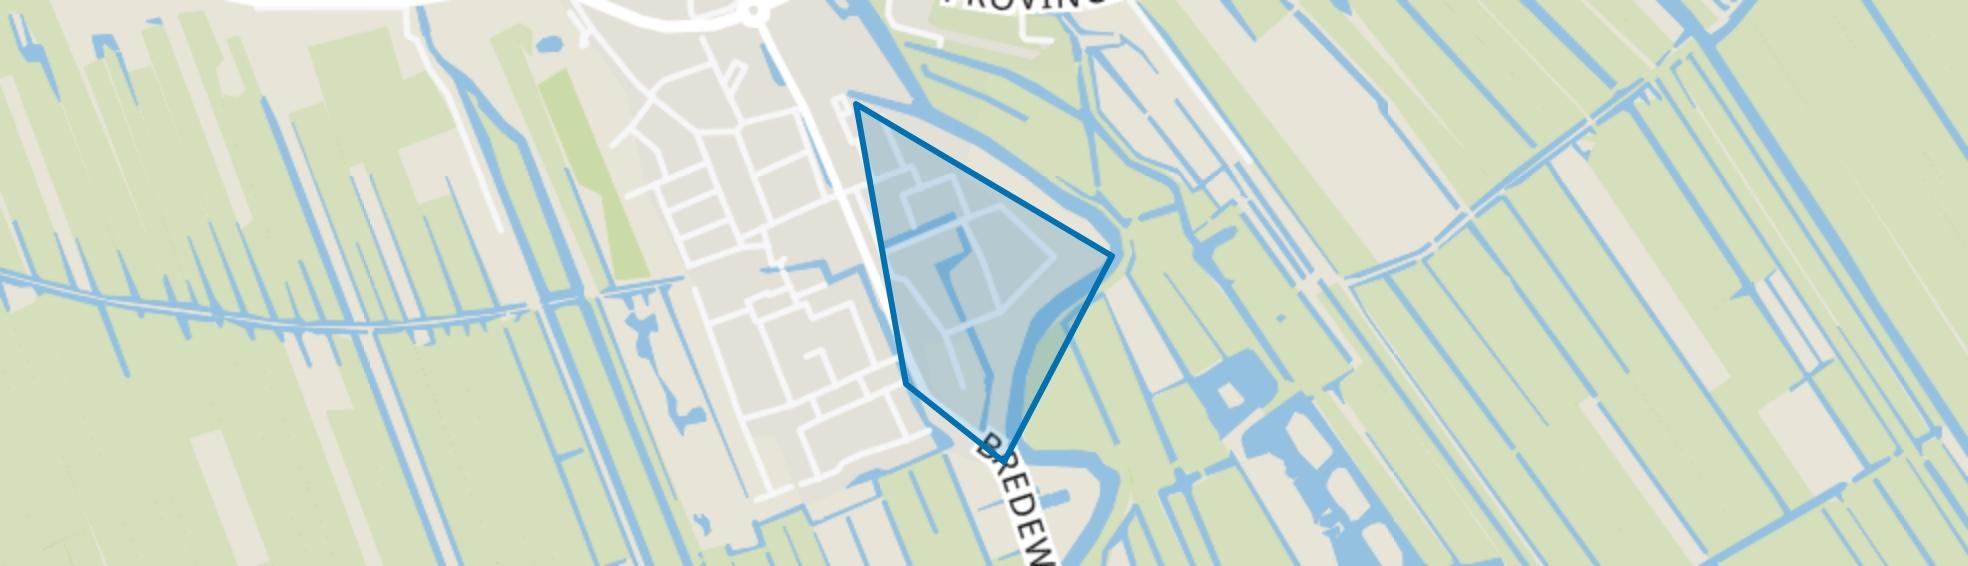 Hofkamp, Haastrecht map